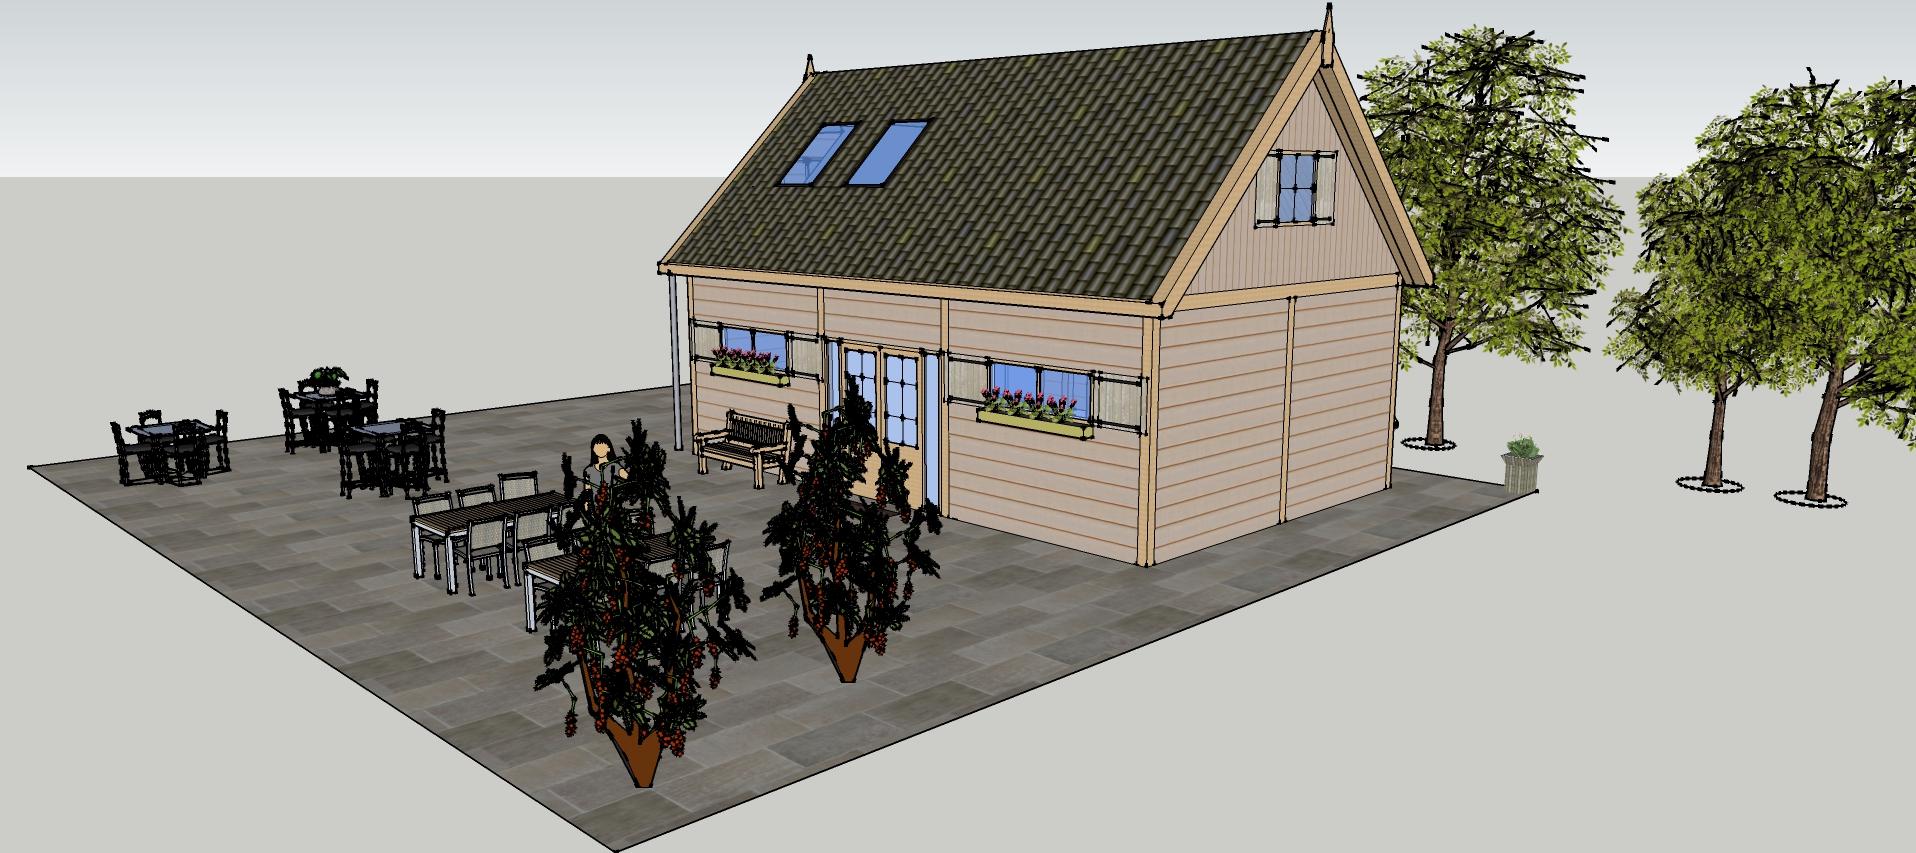 Ontwerp_Dinteloord_versie_4_1-3 - Prachtige larikshouten bijgebouw-Trainingsruimte in opdracht gekregen.